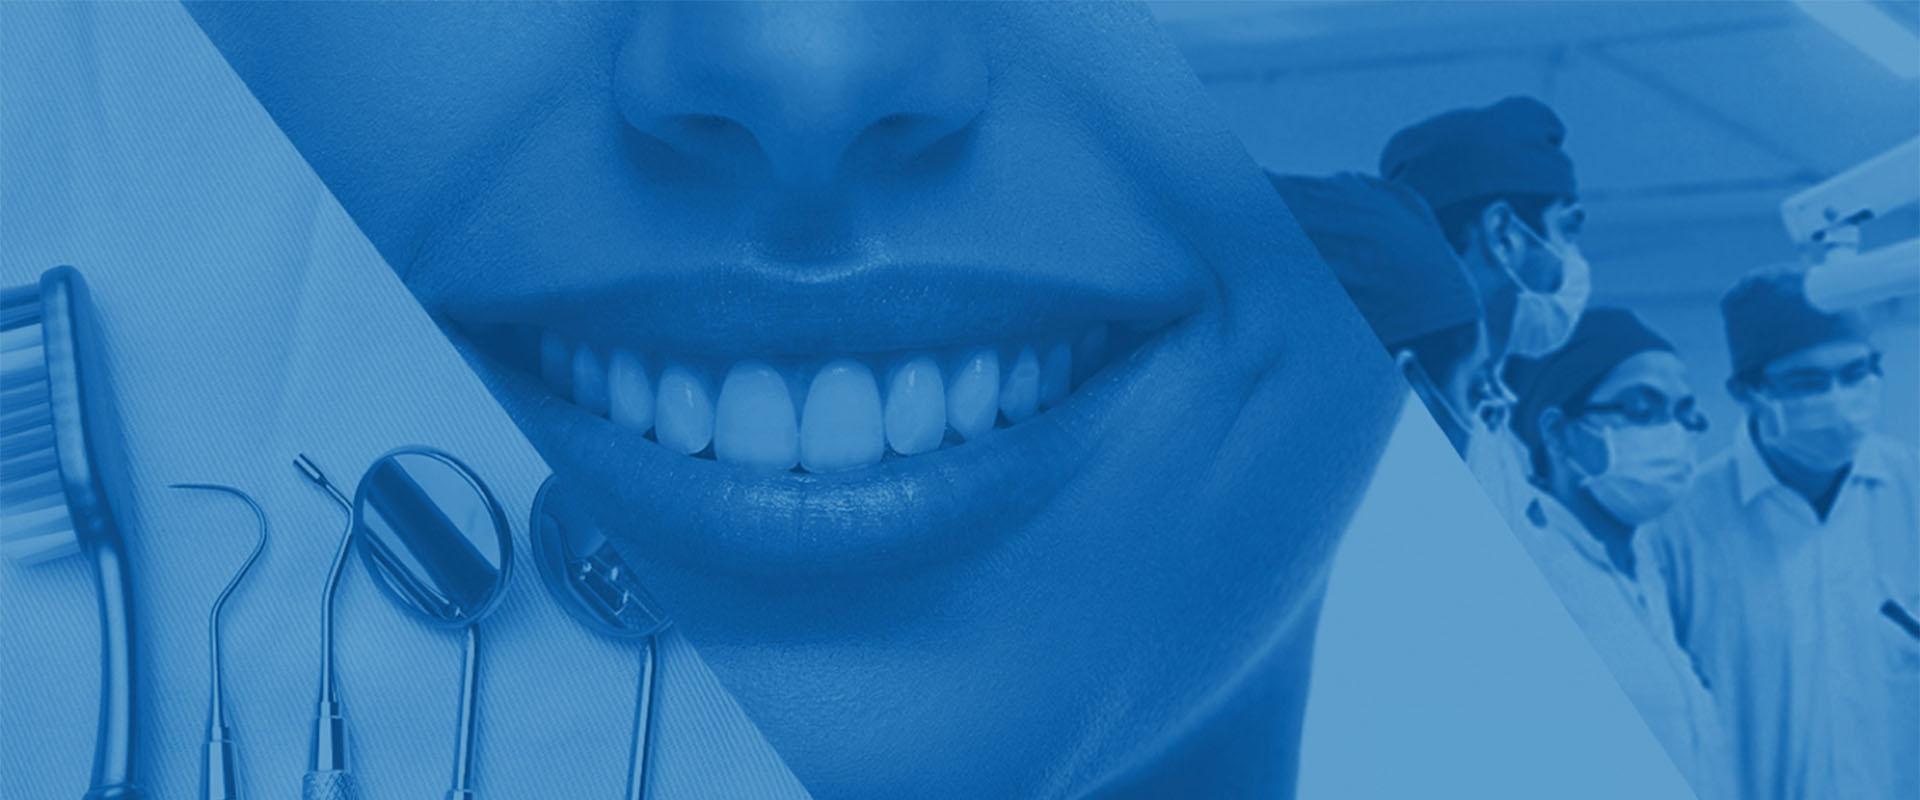 Тюменская стоматология «Восторг-Дент»